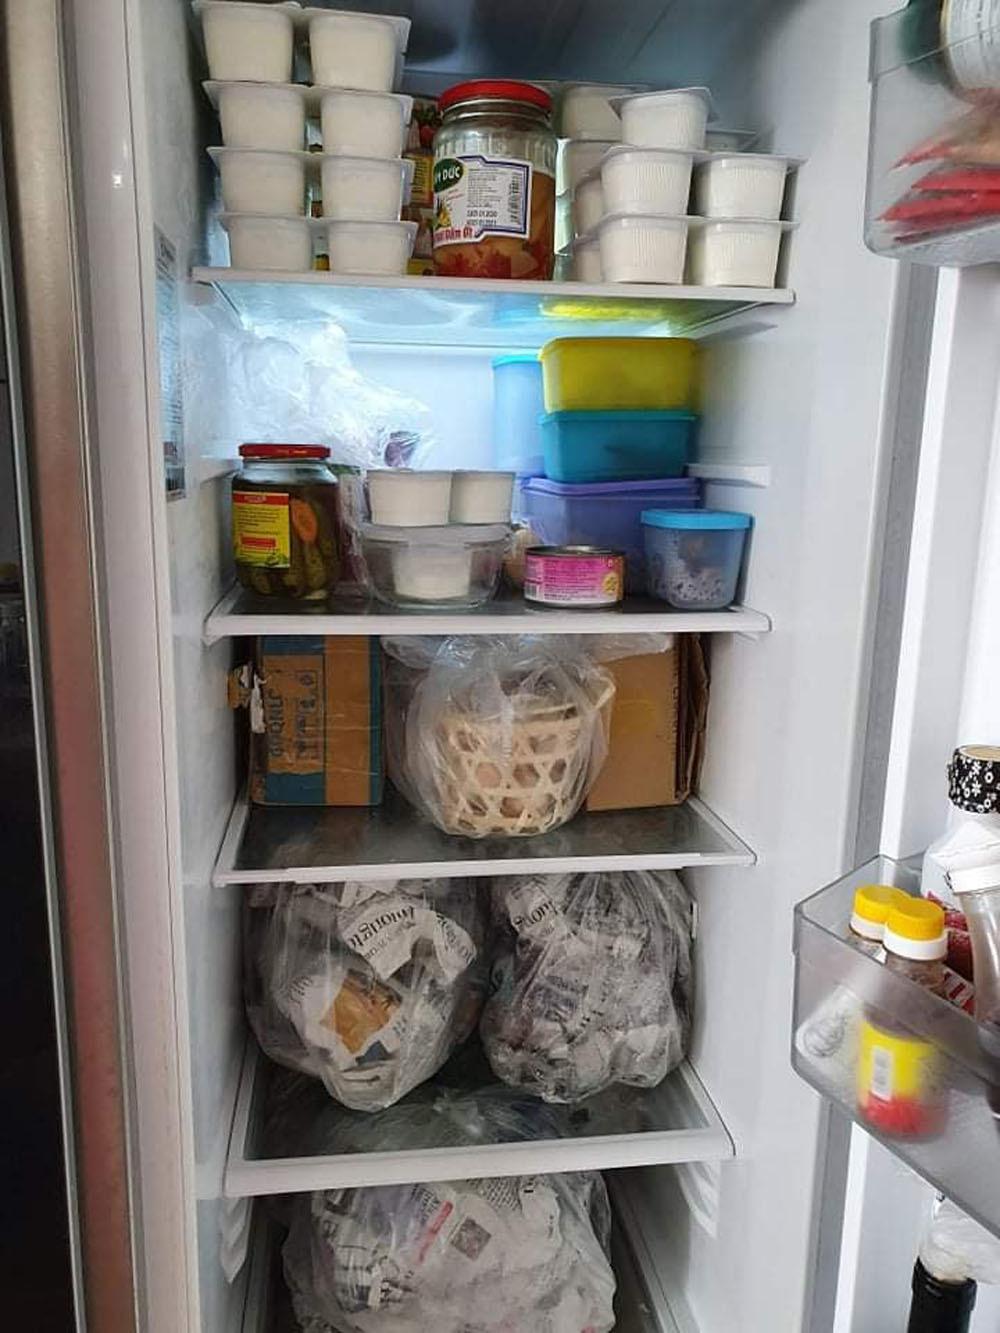 Đua nhau tích trữ thực phẩm, vợ chồng 'méo mặt' bỏ đi đồ hỏng